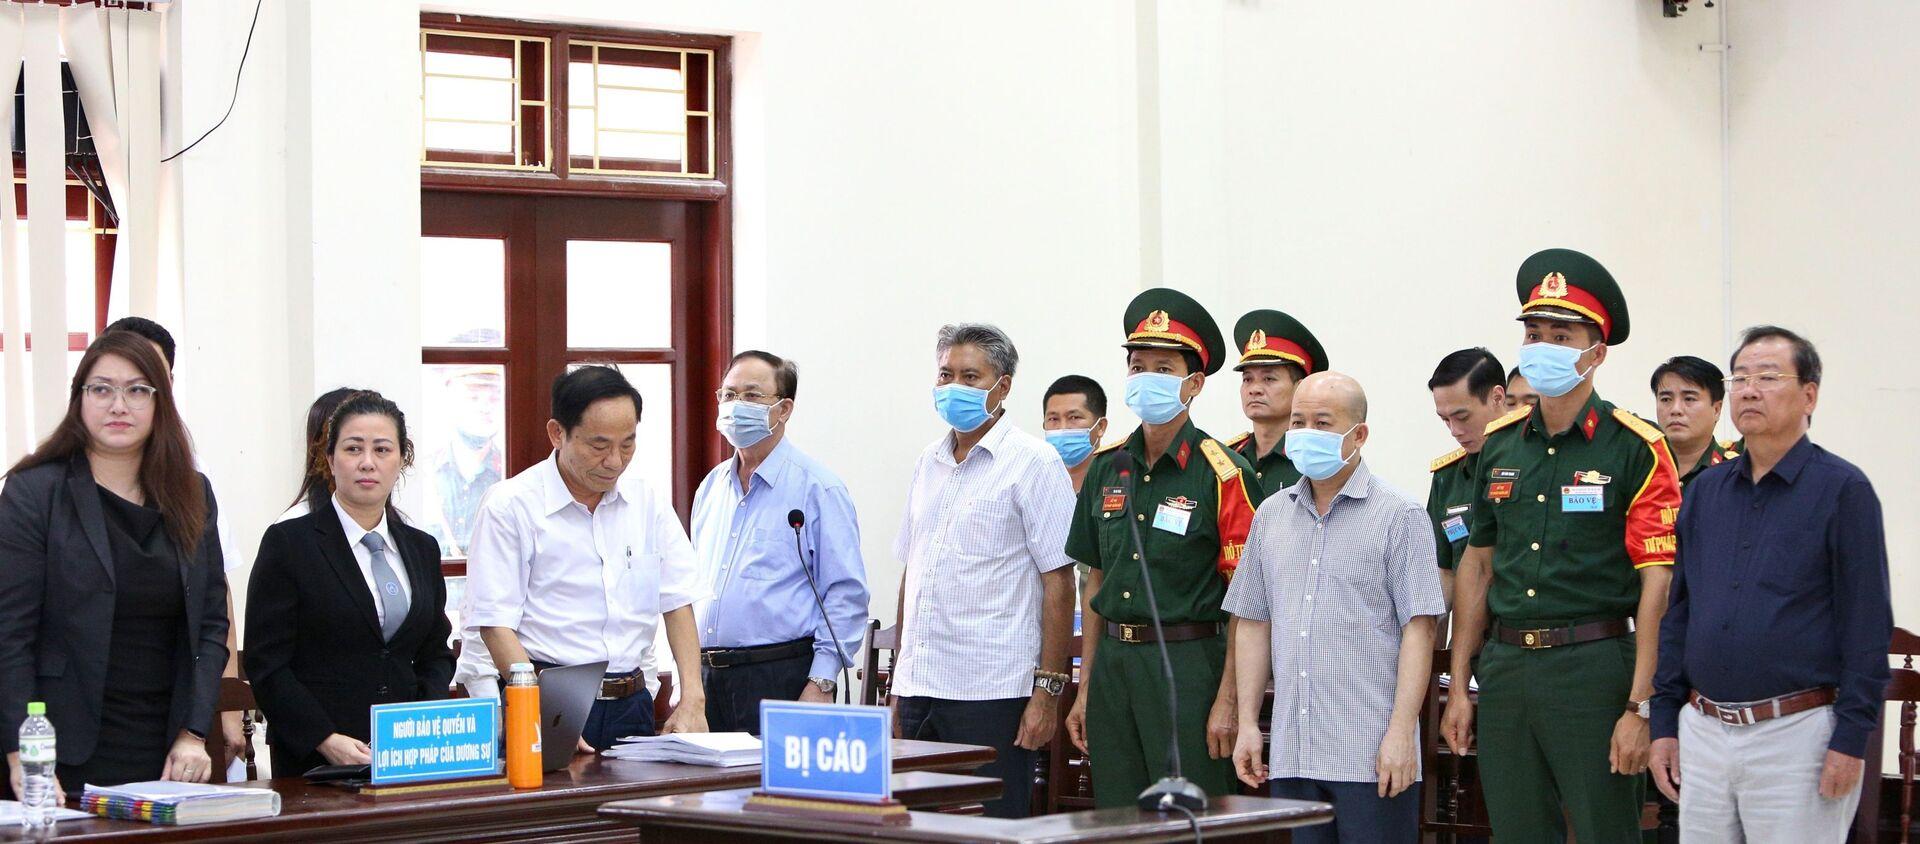 Phiên xét xử sơ thẩm chiều 20/5. - Sputnik Việt Nam, 1920, 20.05.2020